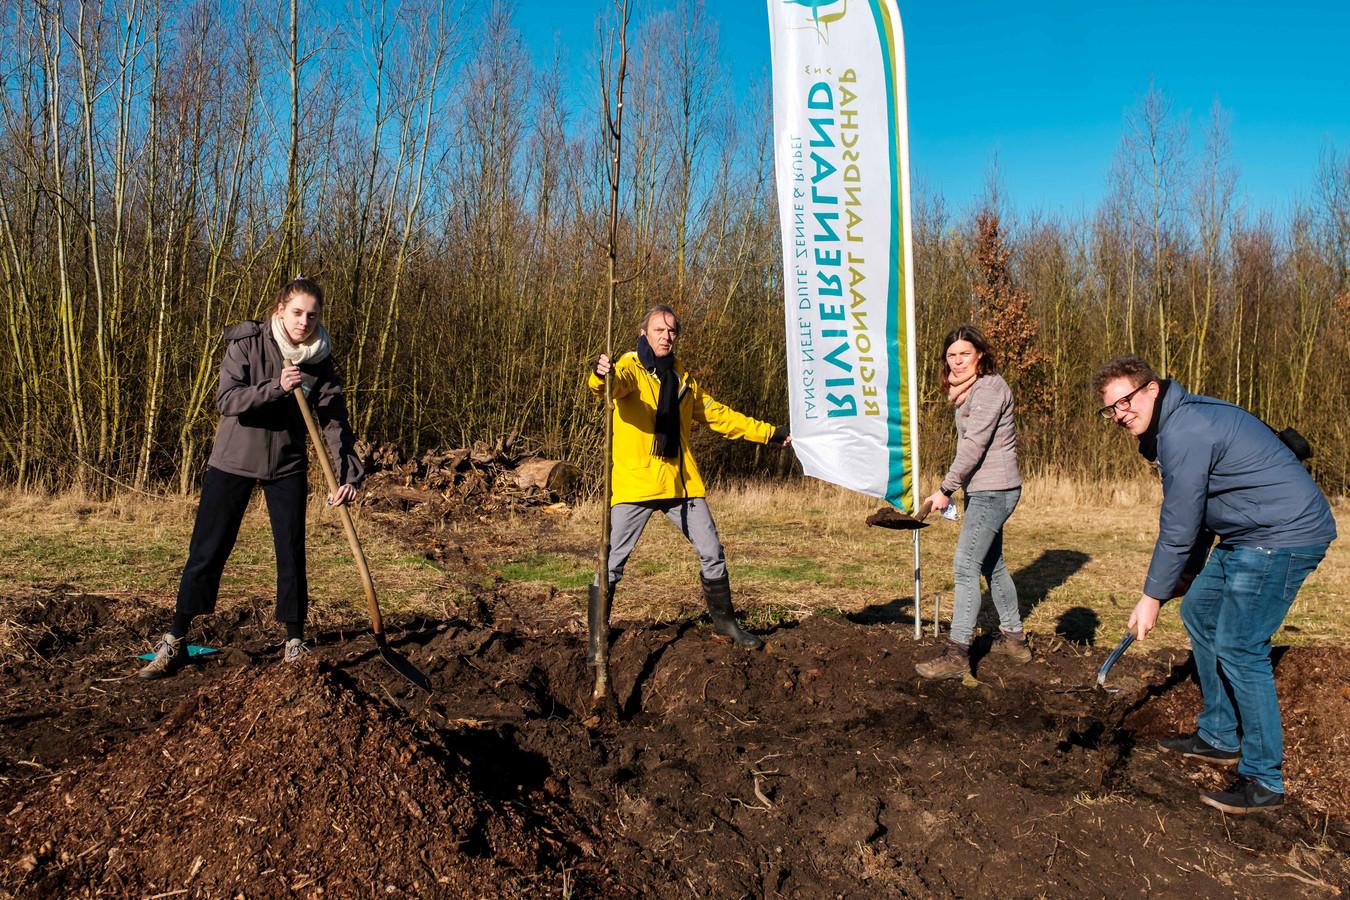 De aanplanting van de lindeboom in natuurgebied De Reukens.